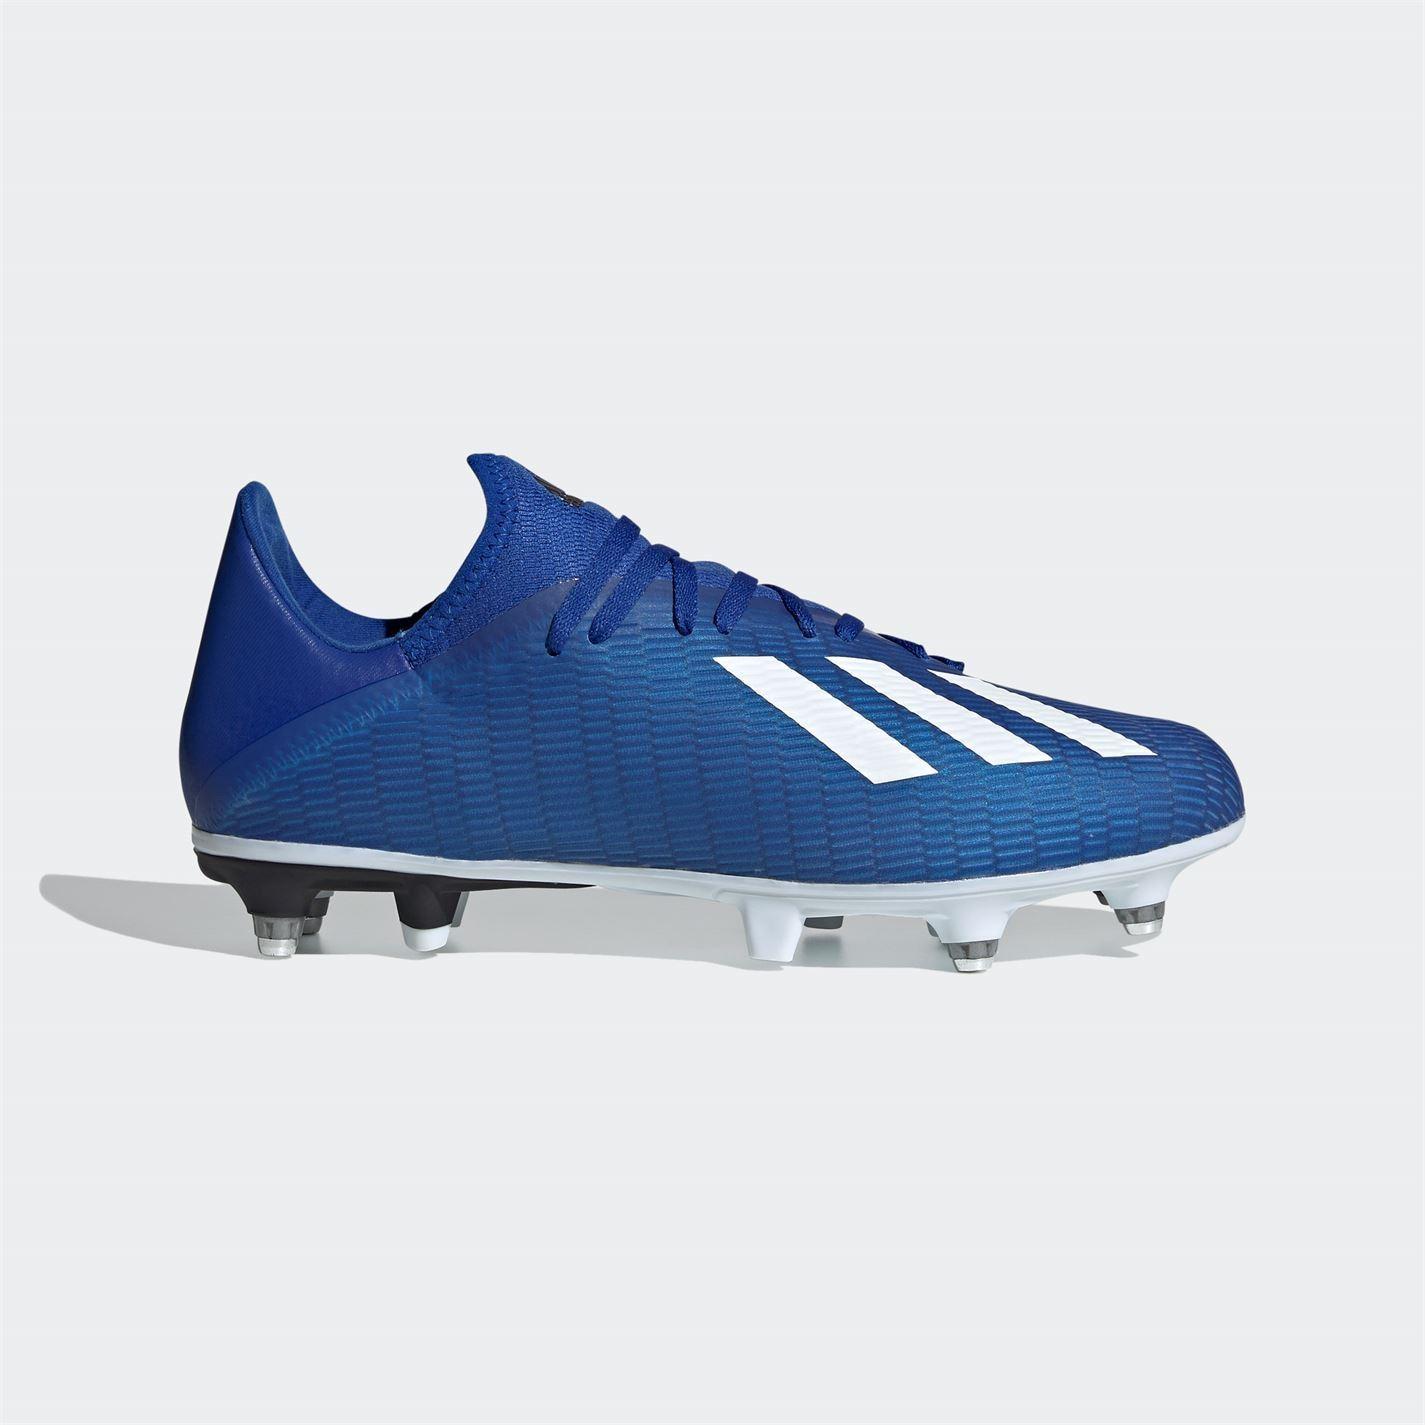 Adidas-X-19-3-Homme-SG-Terrain-Souple-Chaussures-De-Football-Chaussures-de-Foot-Crampons-Baskets miniature 5